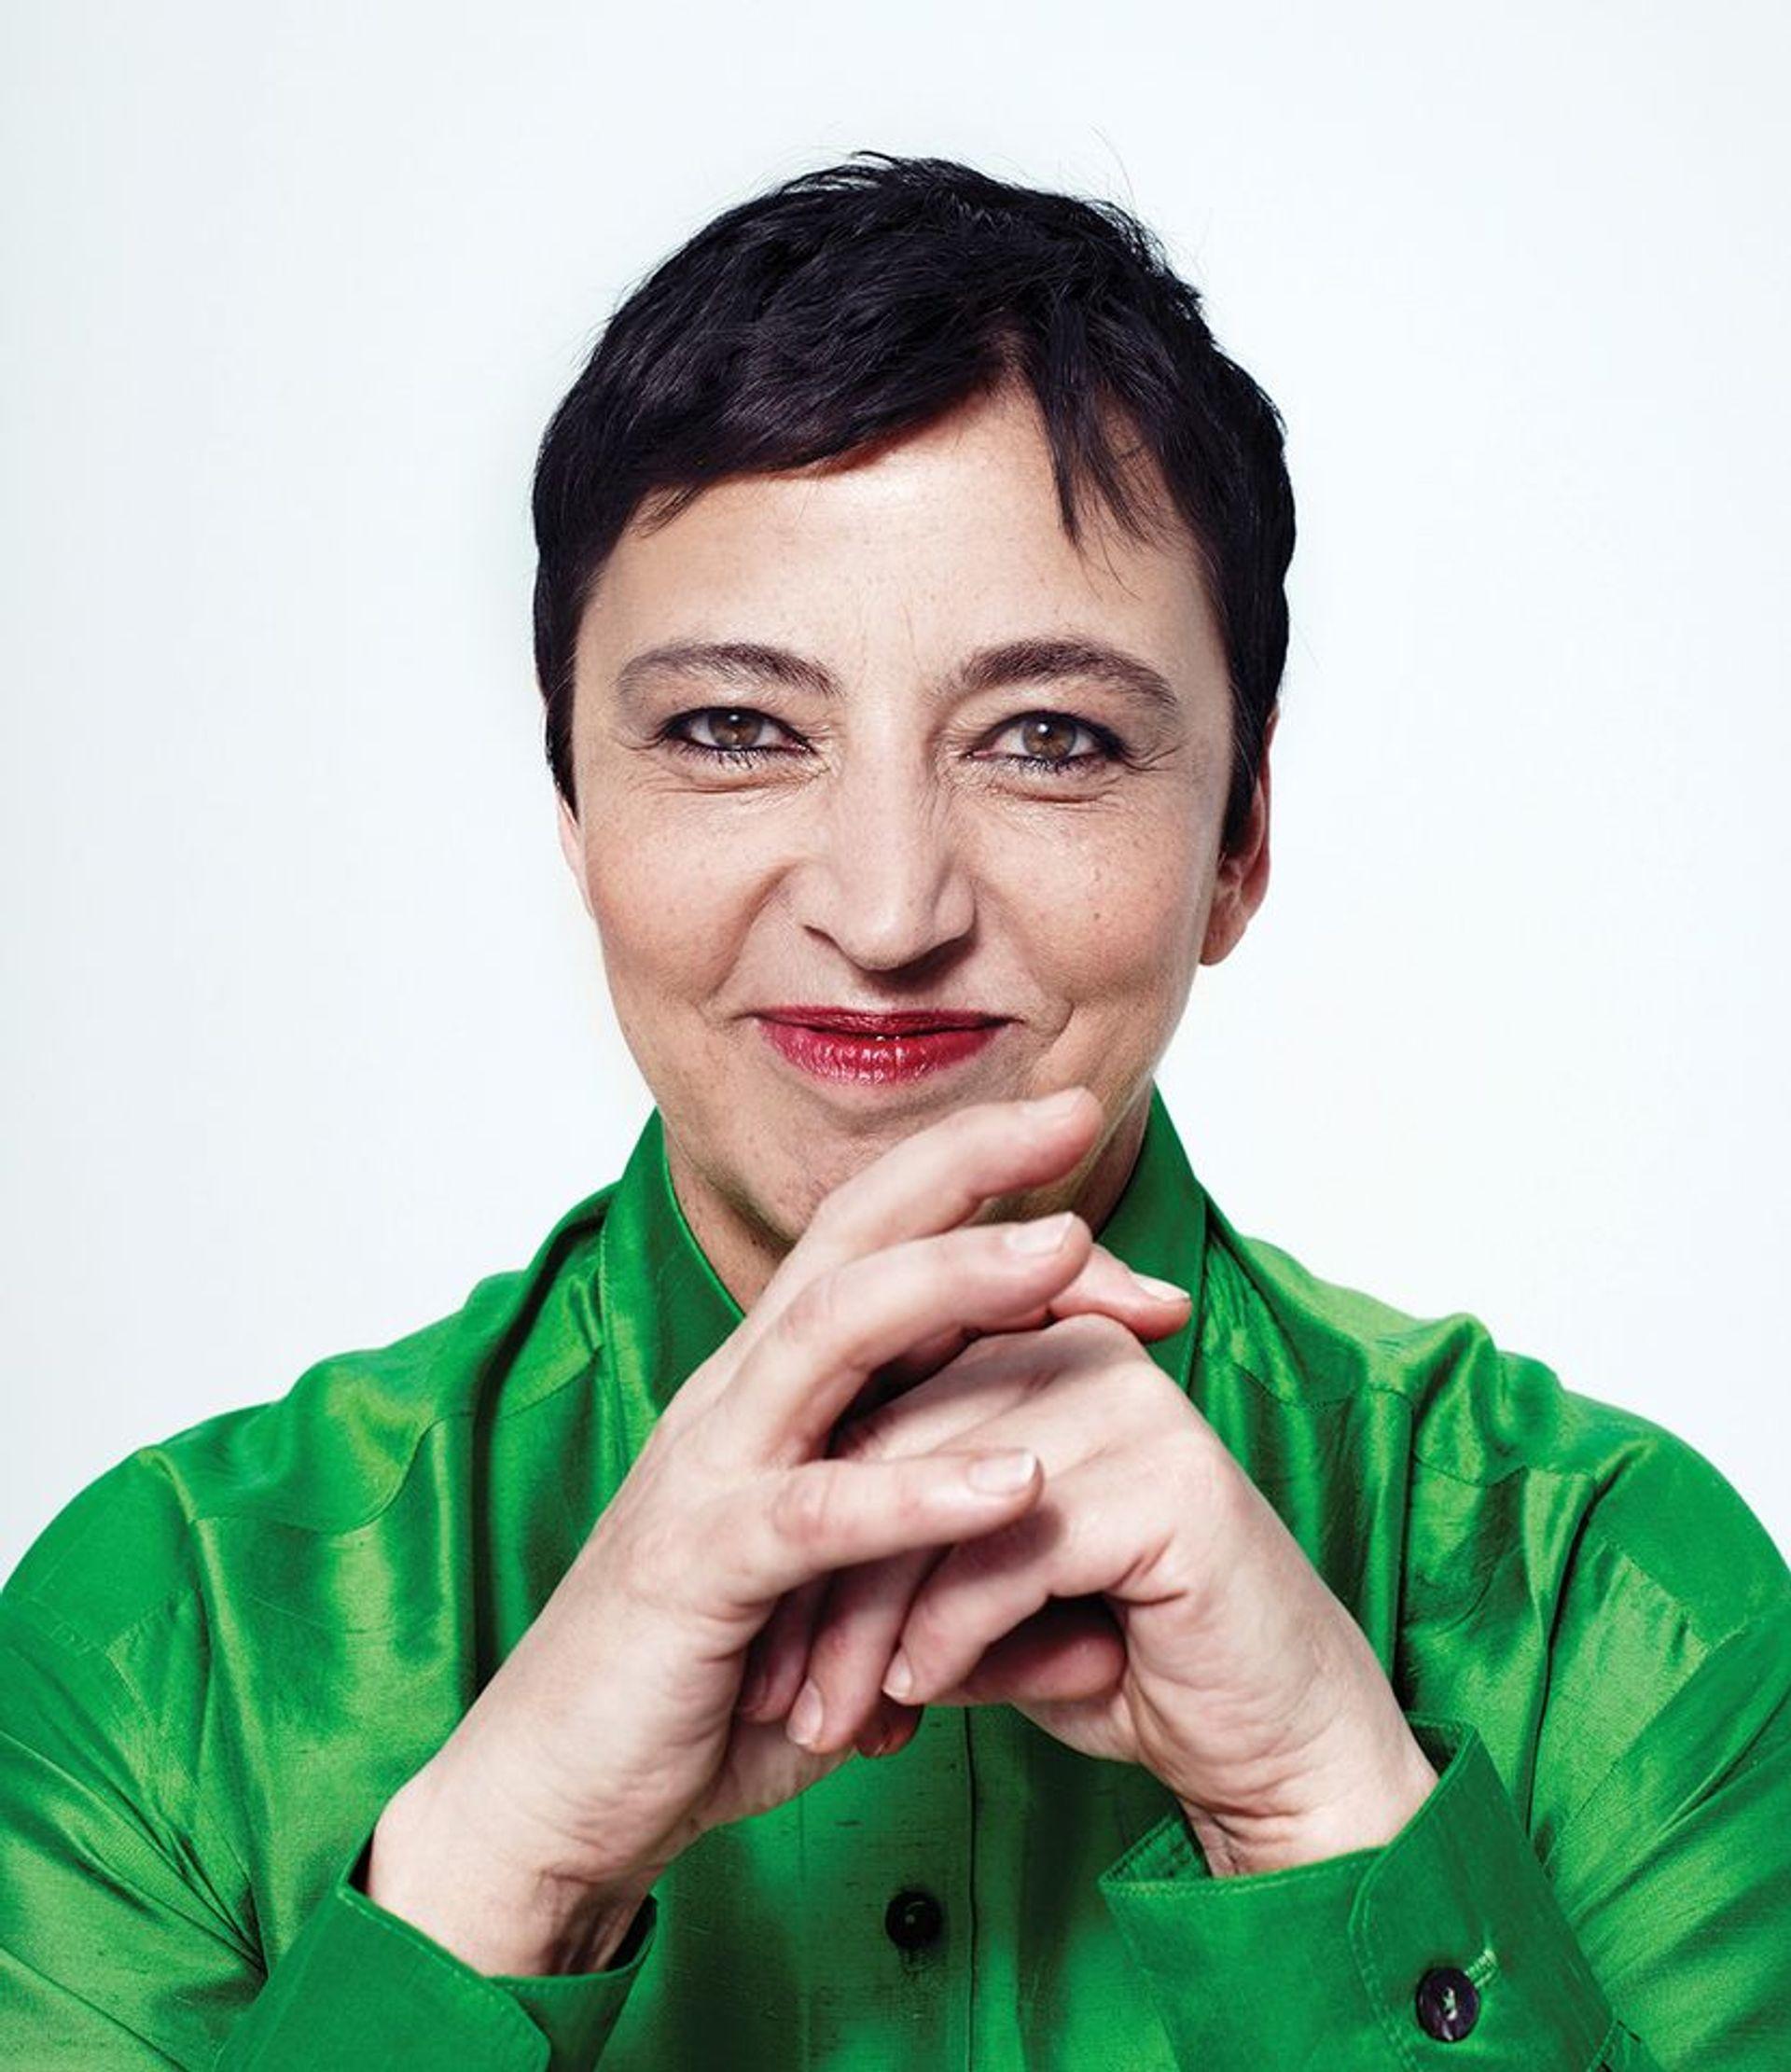 Beatrix Ruf Photo: Robin de Puy